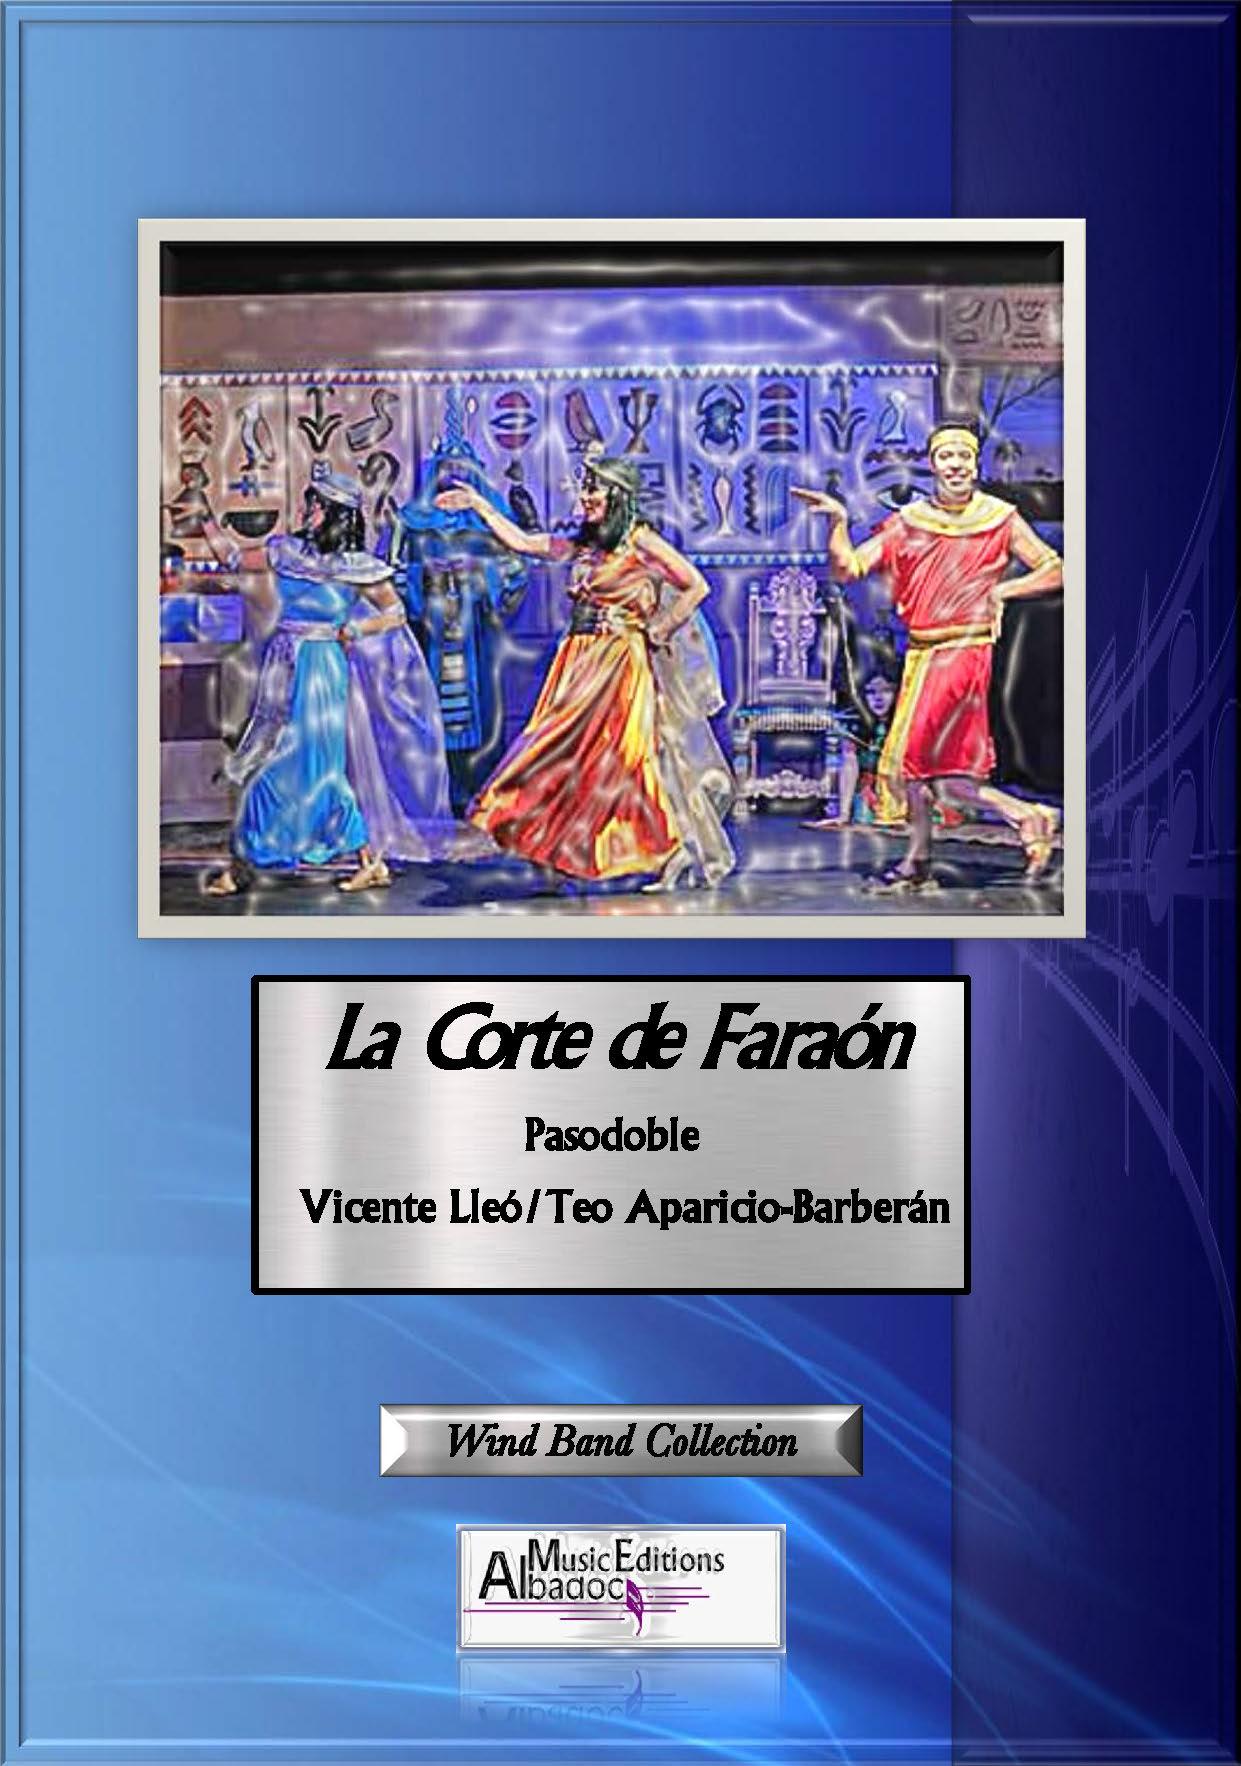 La corte de Faraón (Full Set)